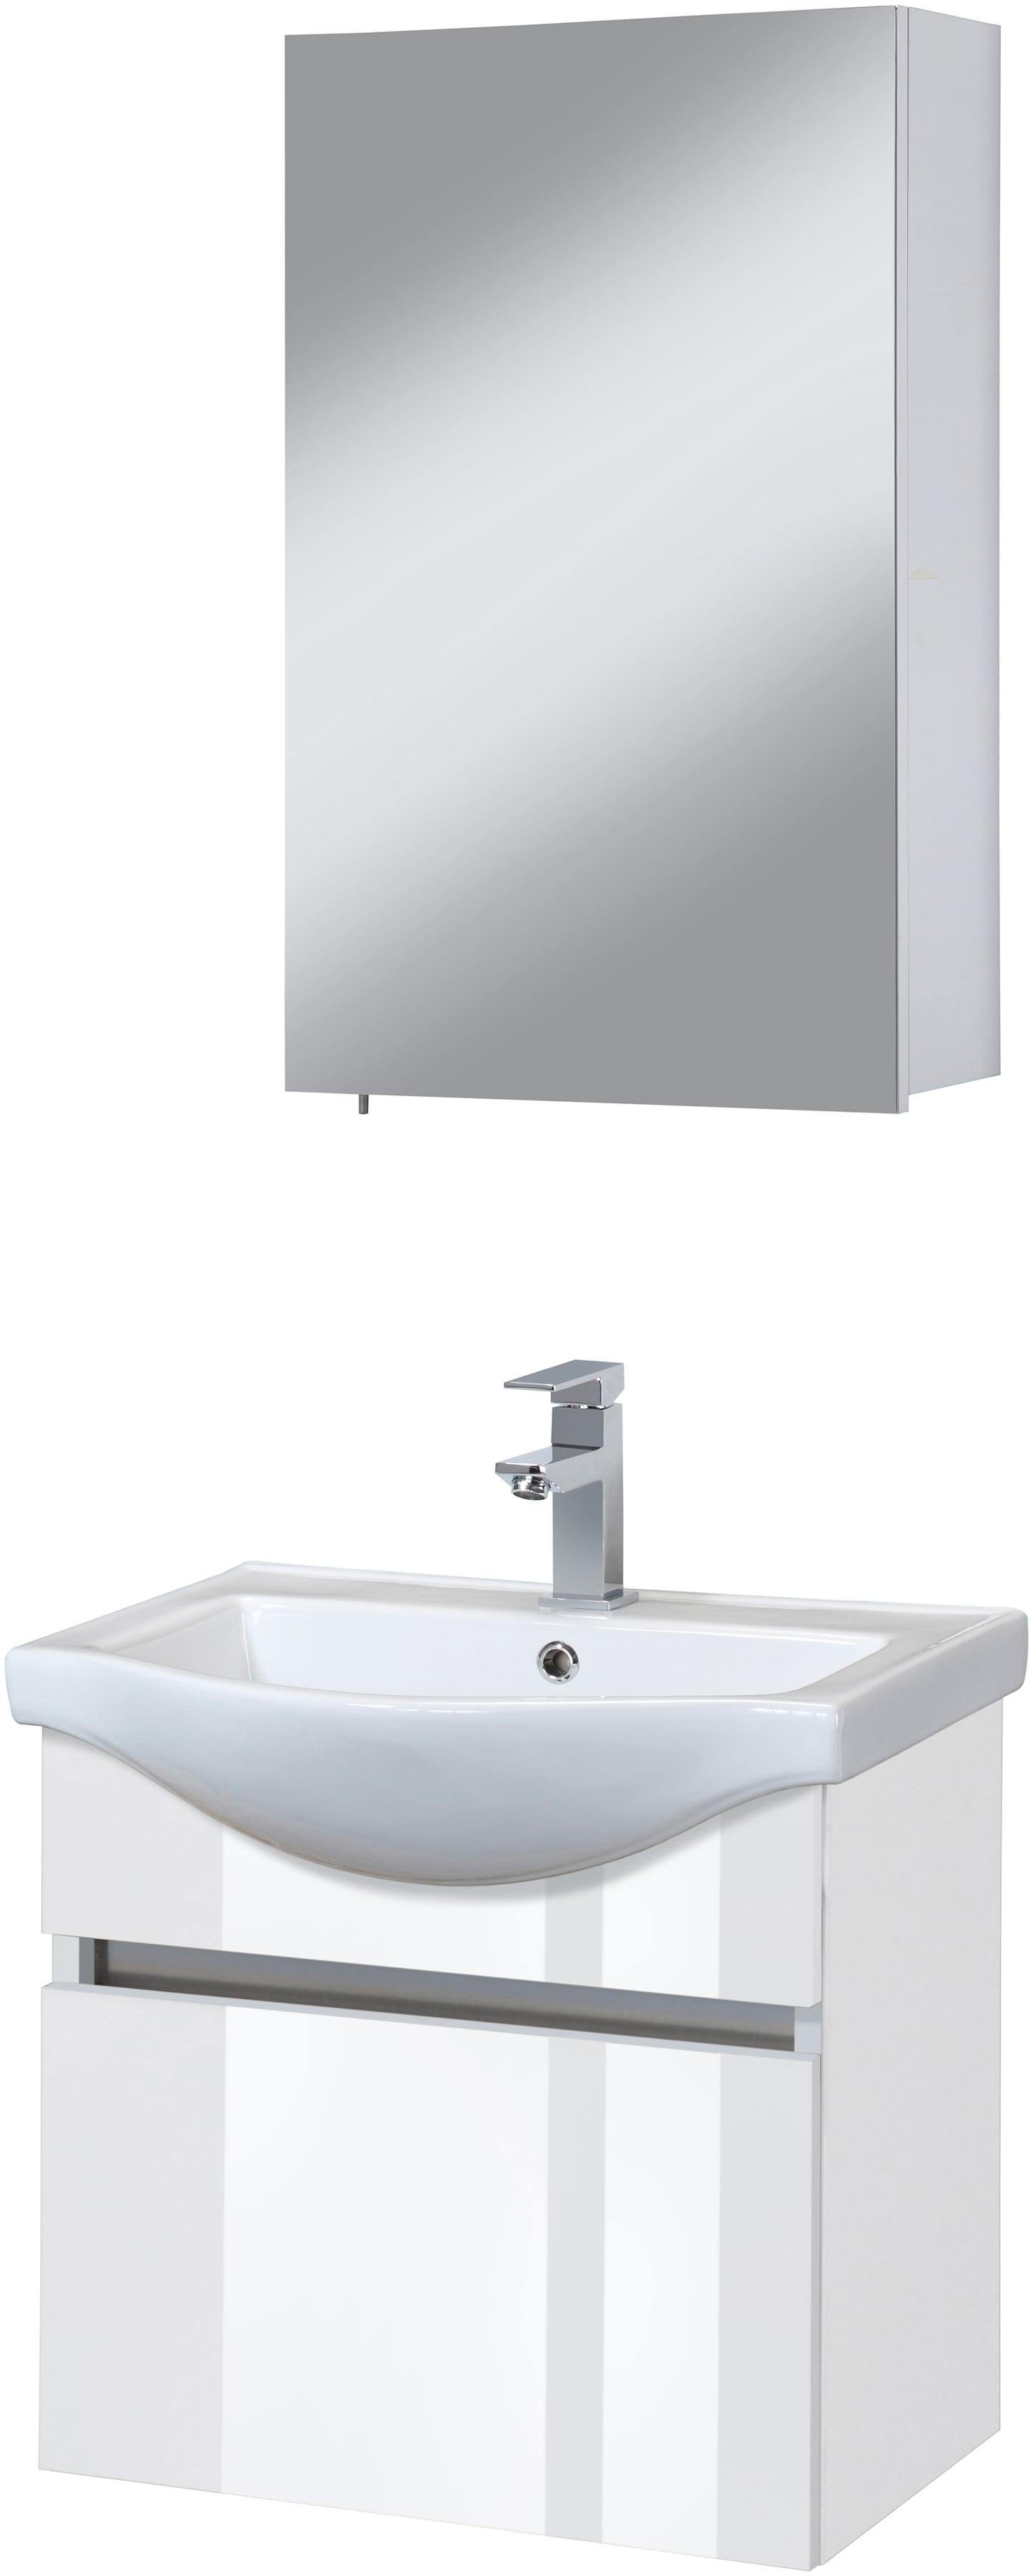 Badmöbel-Set Dinar Premium Waschtisch und Spiegelschrank Breite 55 cm 3-tlg